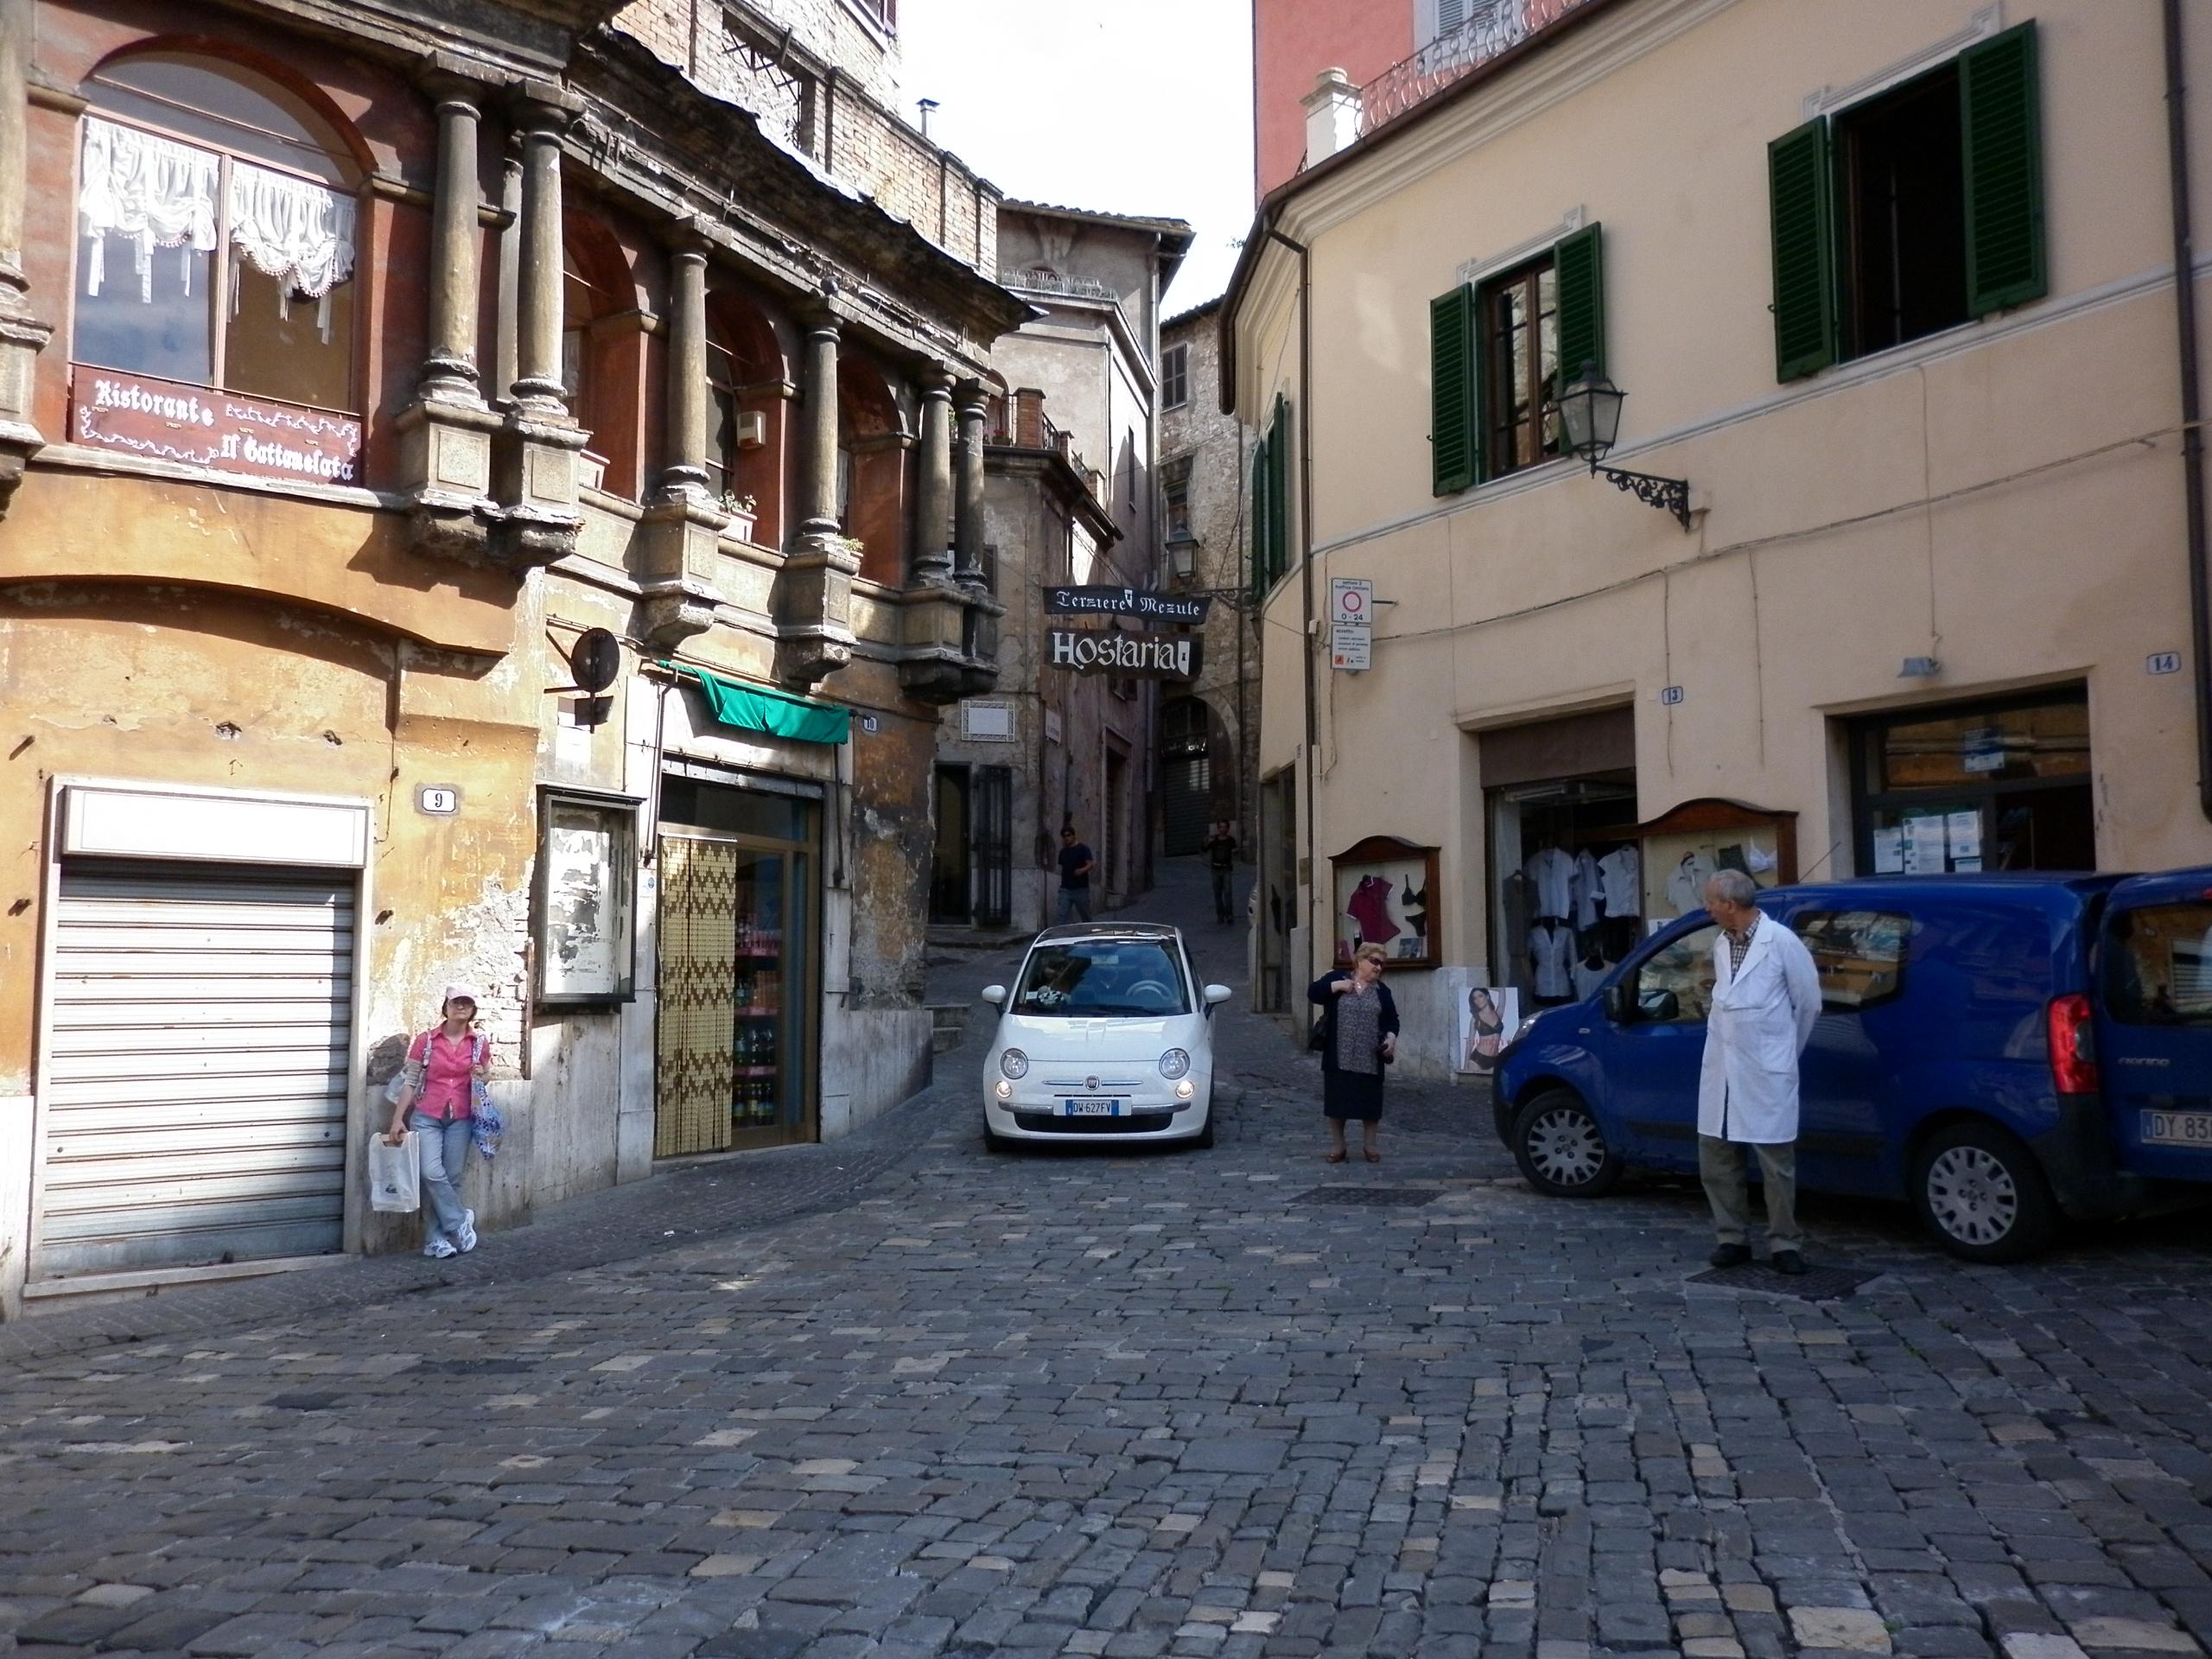 Sardegna2011 036.JPG